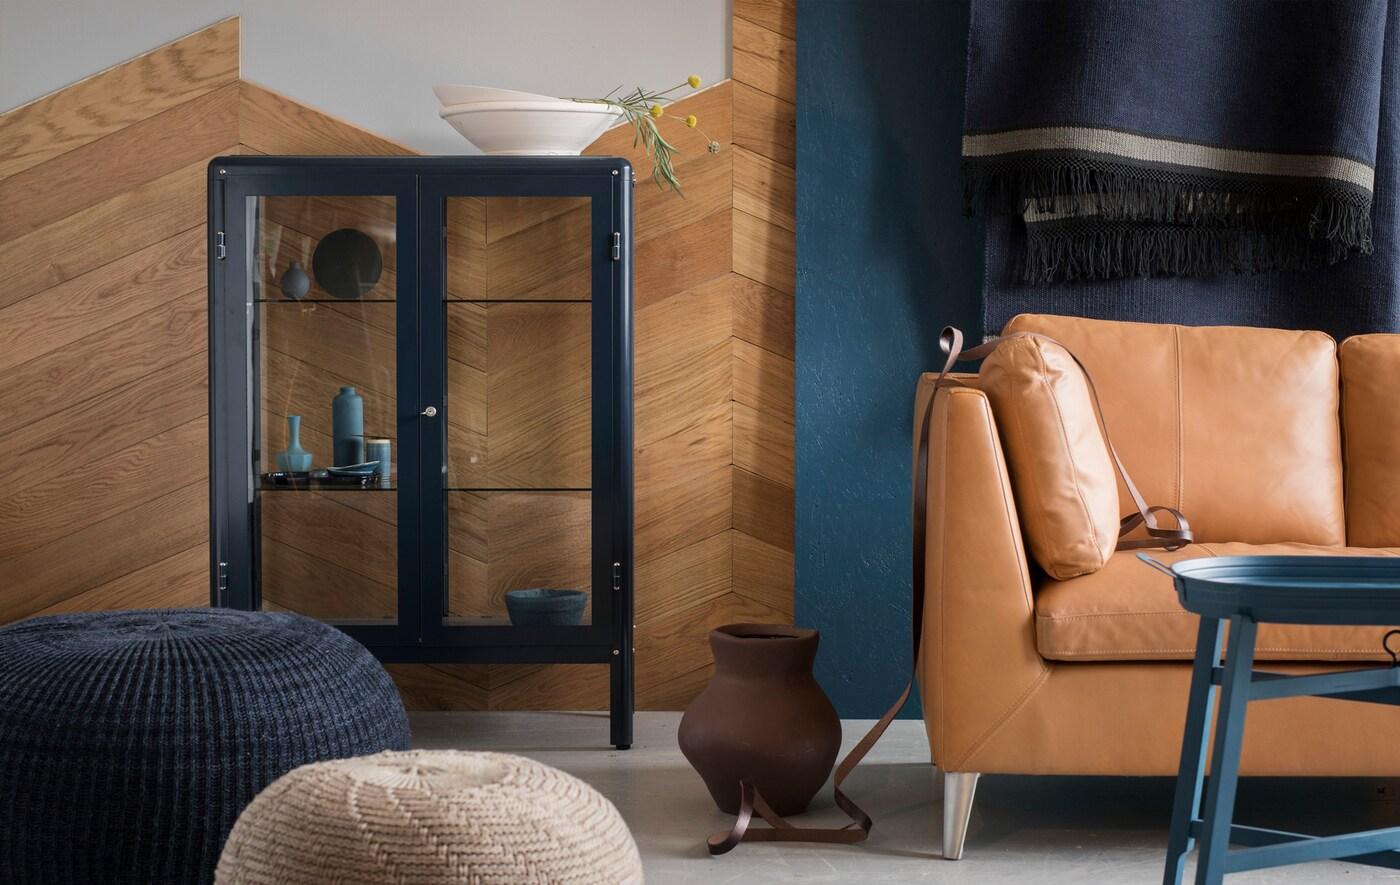 Eine Mischung aus Erdtönen, blauen Akzenten und authentischen Materialien verhelfen deinem Wohnzimmer zu mehr Frühlingsstimmung. Wir empfehlen handgewebte Teppiche, geflochtene Körbe und blaue Akzente. Deine Lieblingsstücke? Ab in eine Vitrine damit. Die IKEA FABRIKÖR Vitrine in Blau ist hierfür ein